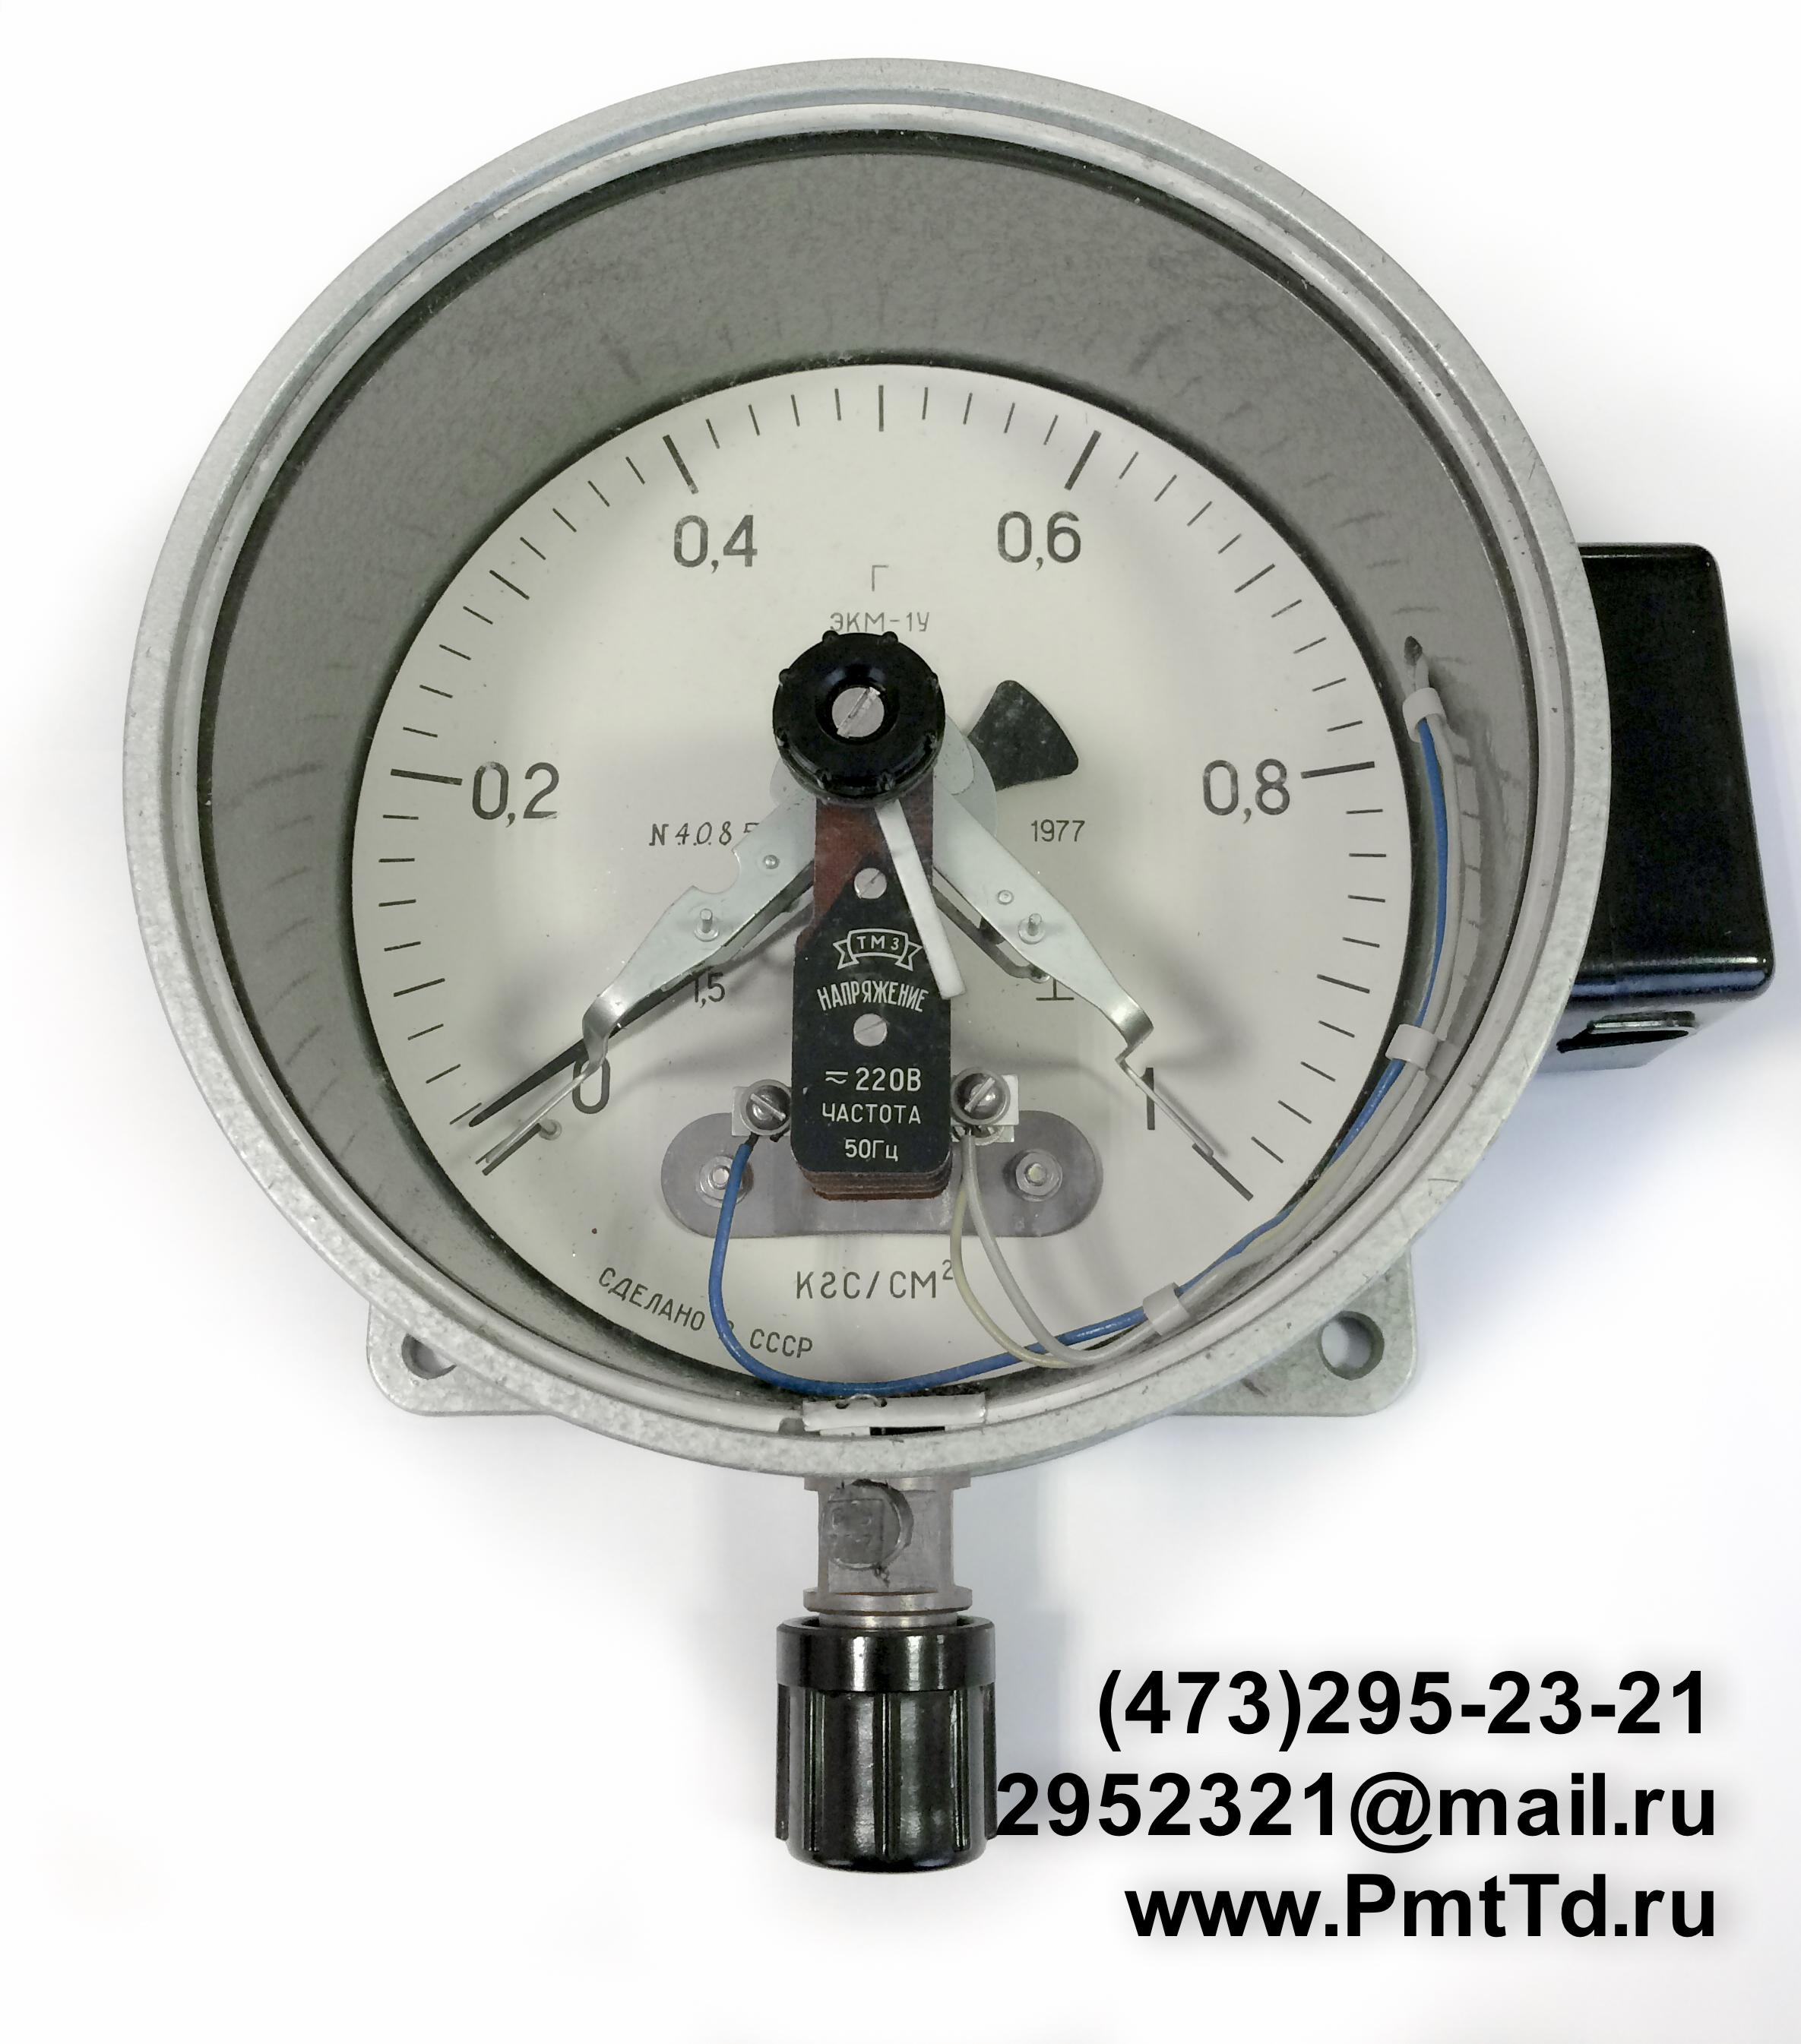 Электроконтактный манометр ЭКМ-1У 0-16 кгс/см2